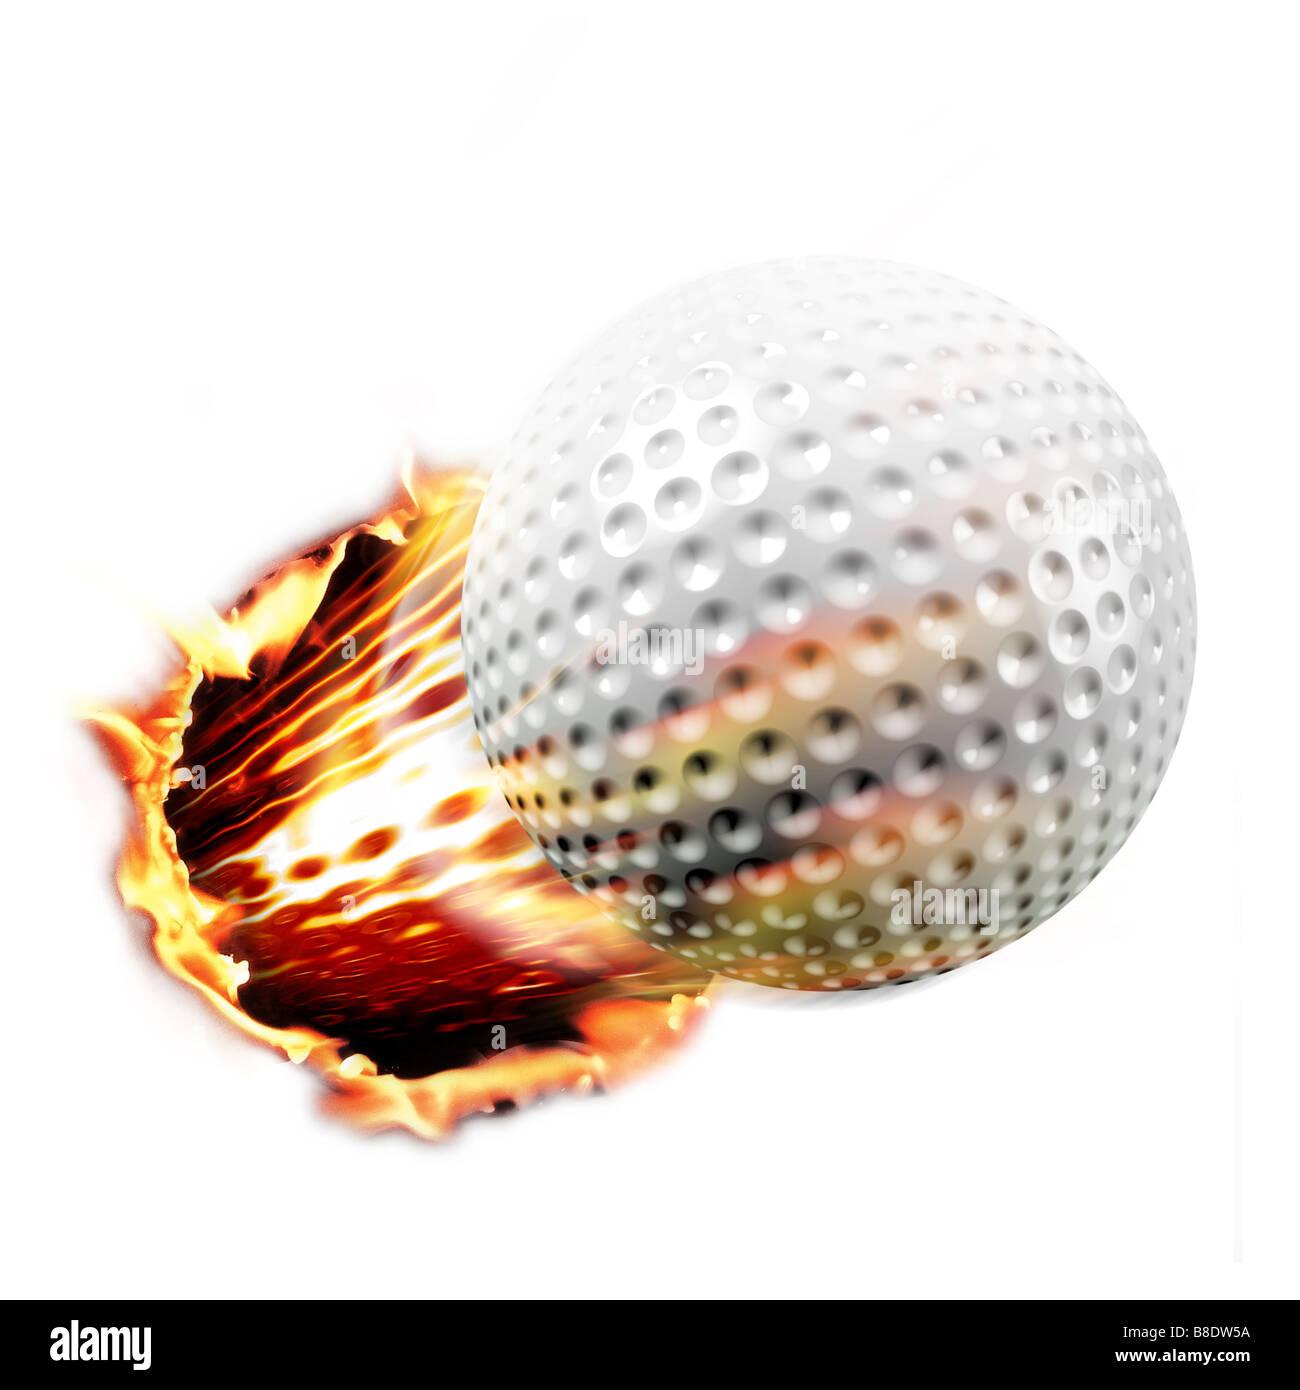 Golf ball shot through fire - Stock Image